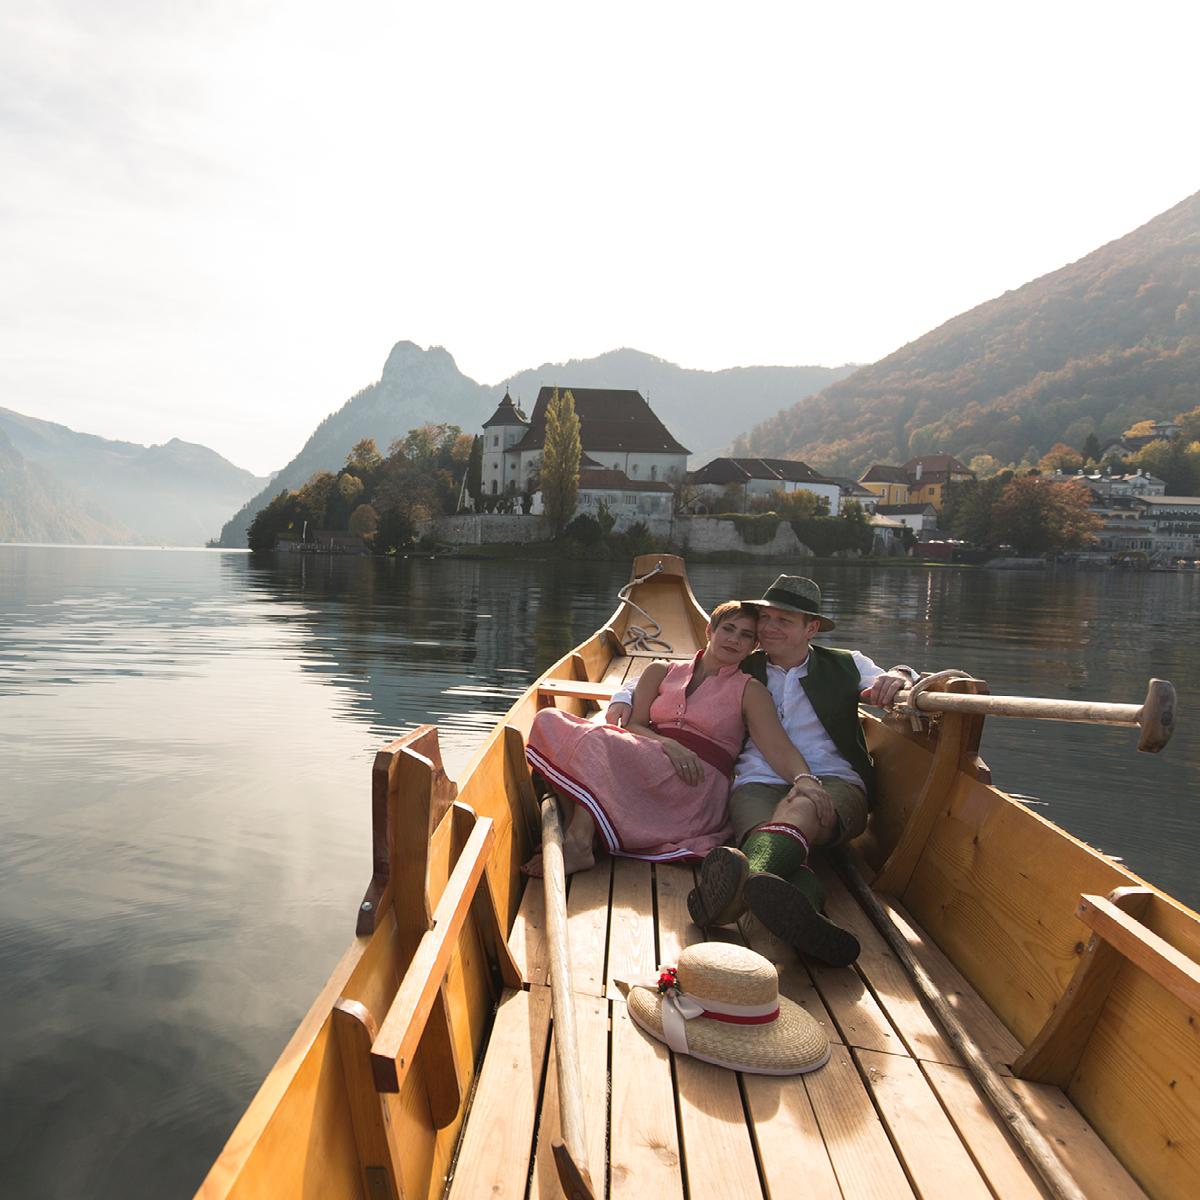 Das Bild zeigt ein liegendes Paar in einem Boot, das über einen See gleitet.